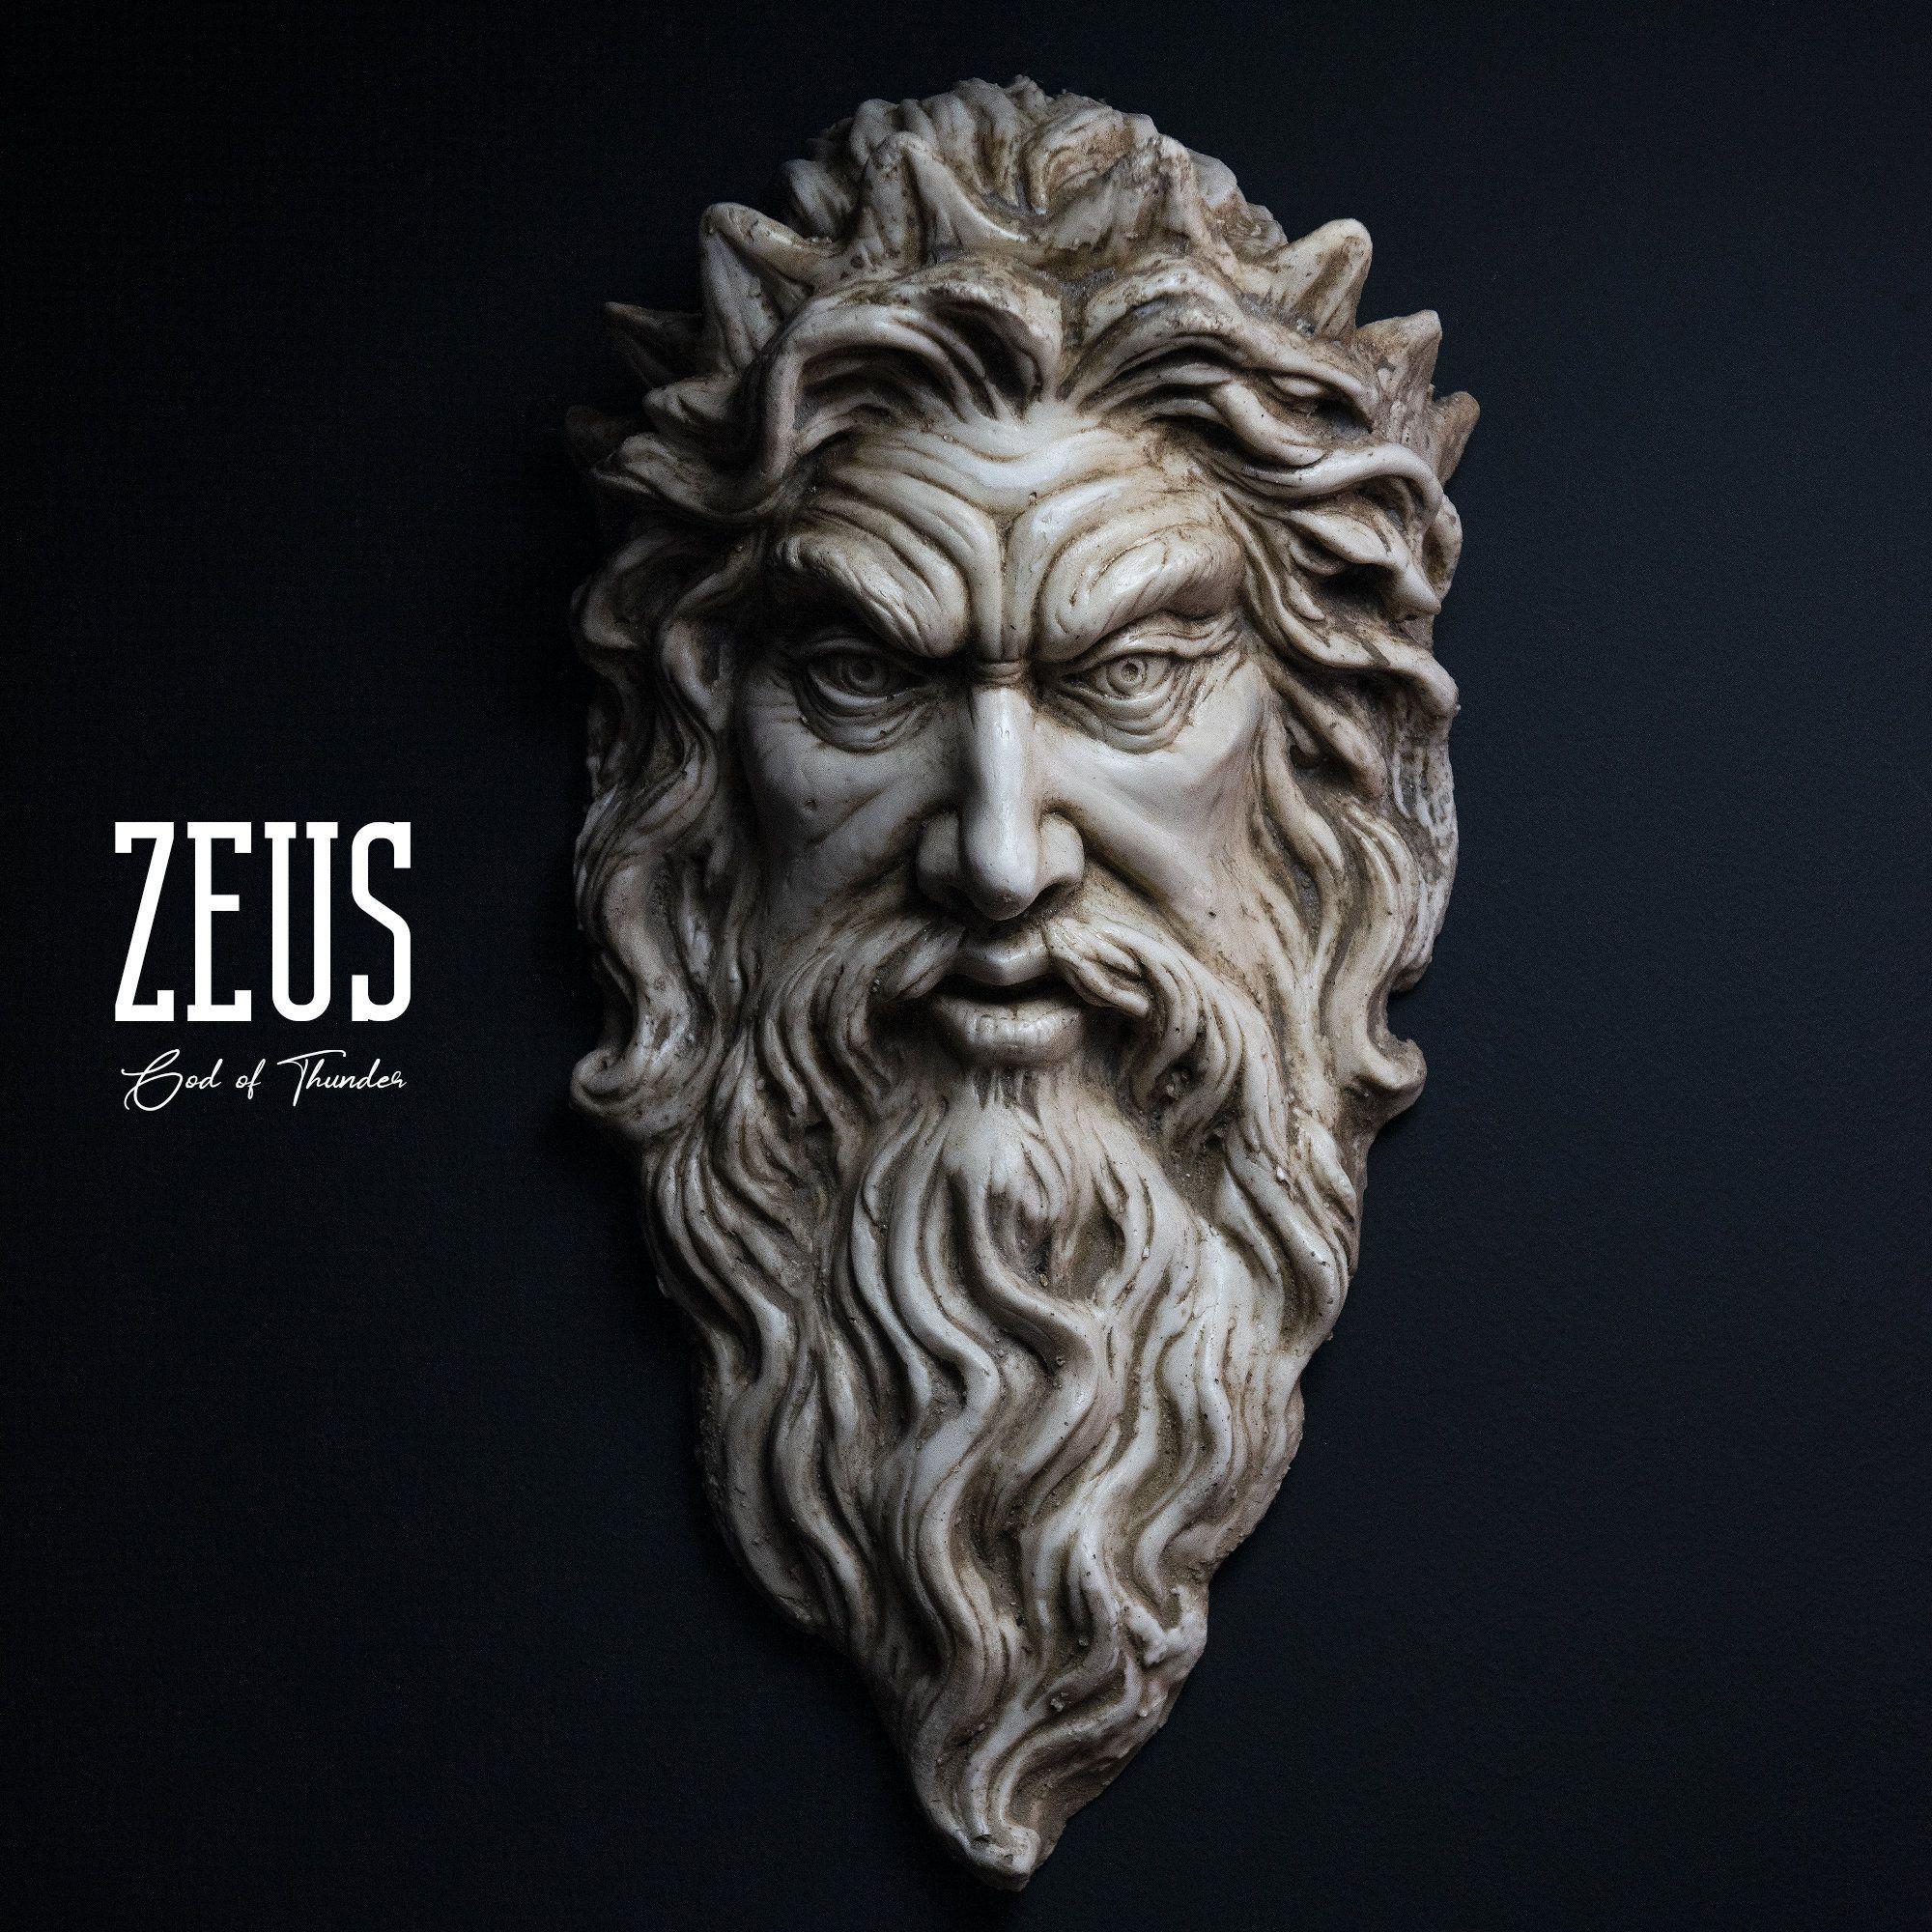 Zeus Sculpture, God of Thunder, Wall Art, Zeus Figure, Handmade, Greek God, Statue Sculpture